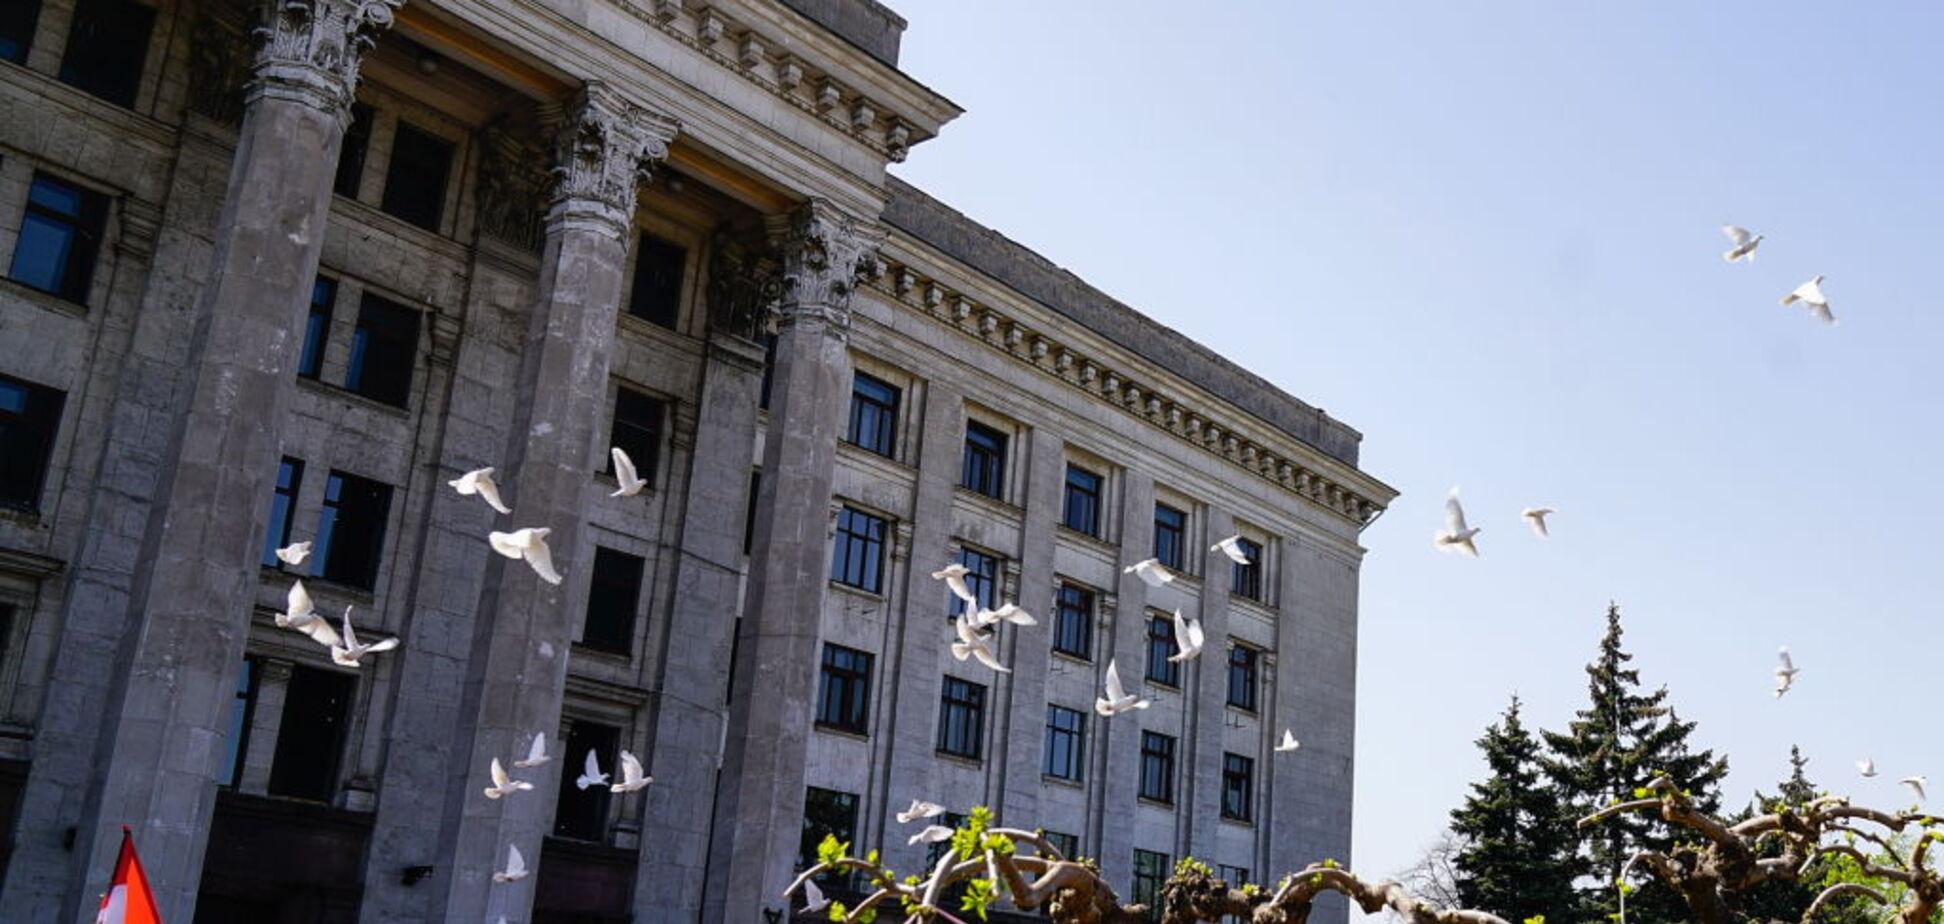 Дело 2 мая: суд вынес вердикт обвиняемым в беспорядках в Одессе